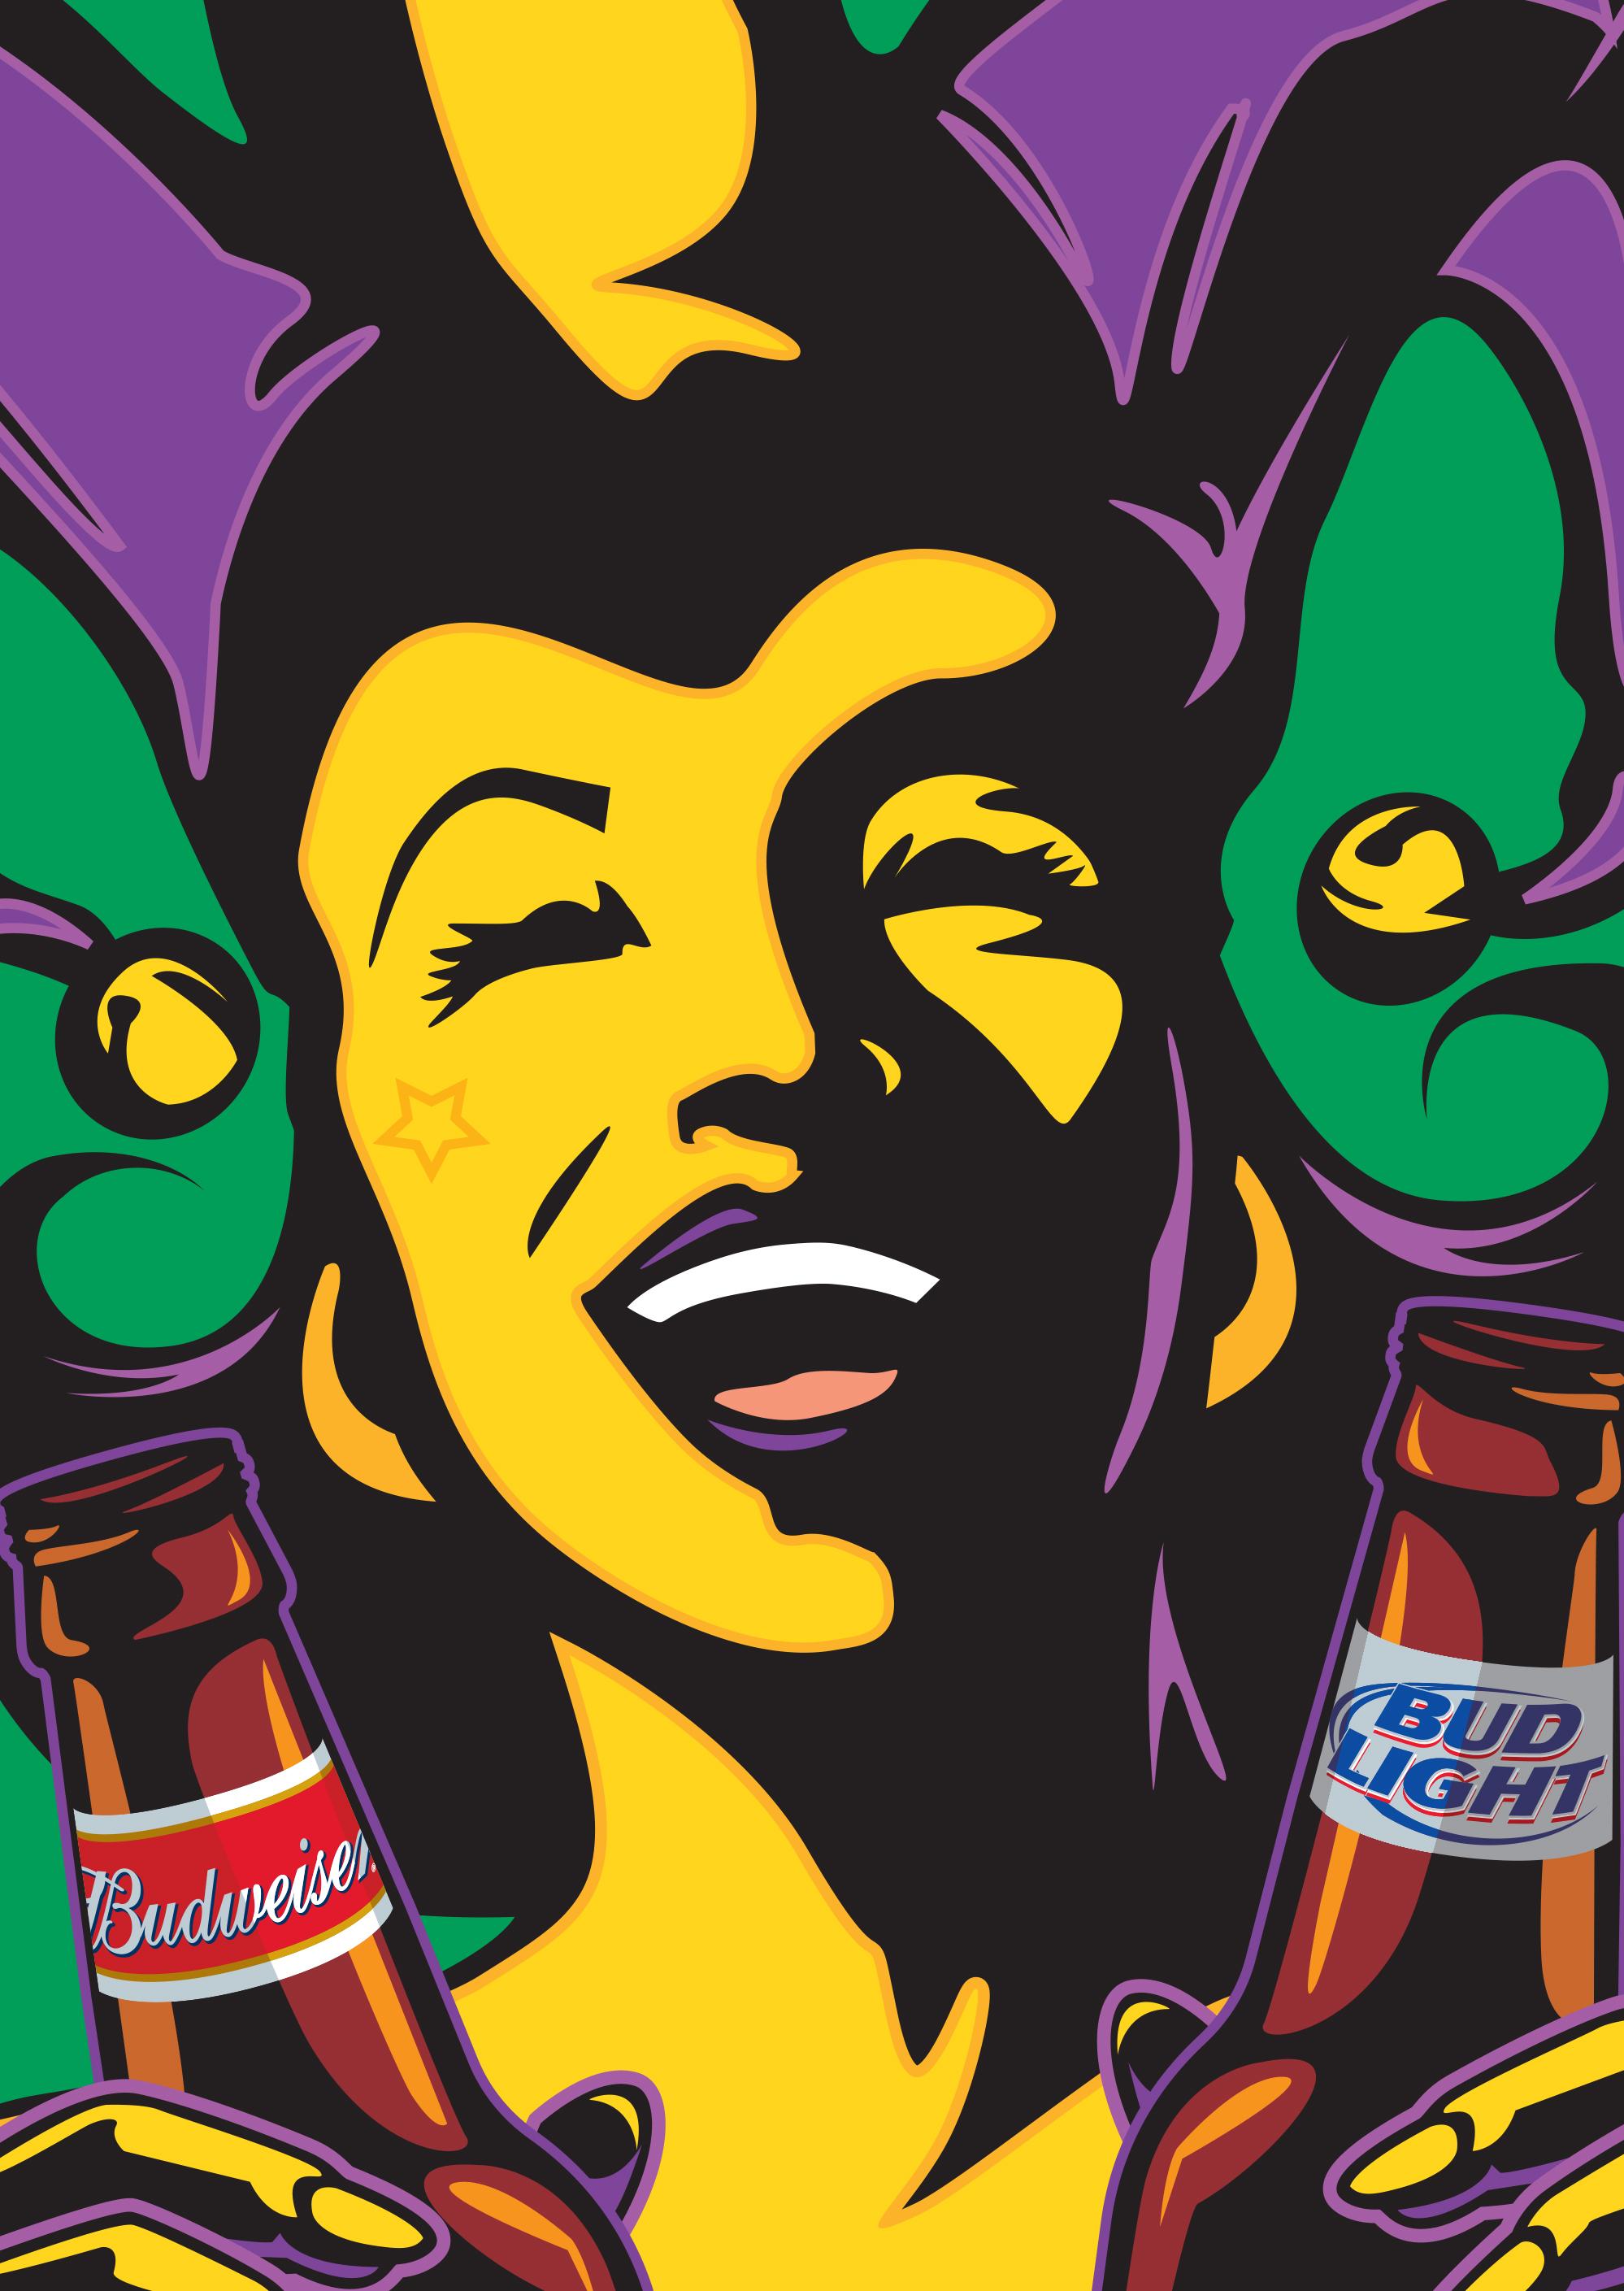 Budweiser Mardi Gras Poster